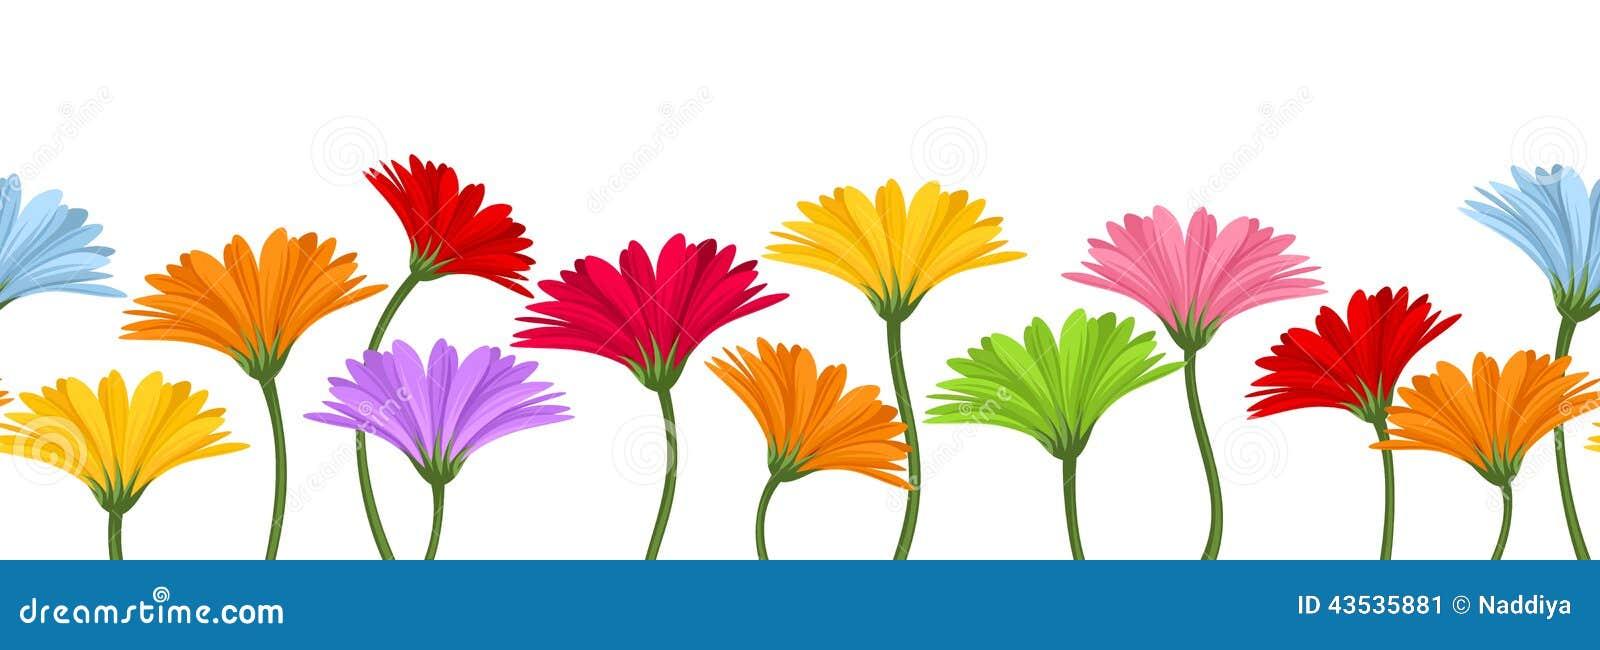 Fond sans couture horizontal avec les fleurs colorées de gerbera Illustration de vecteur